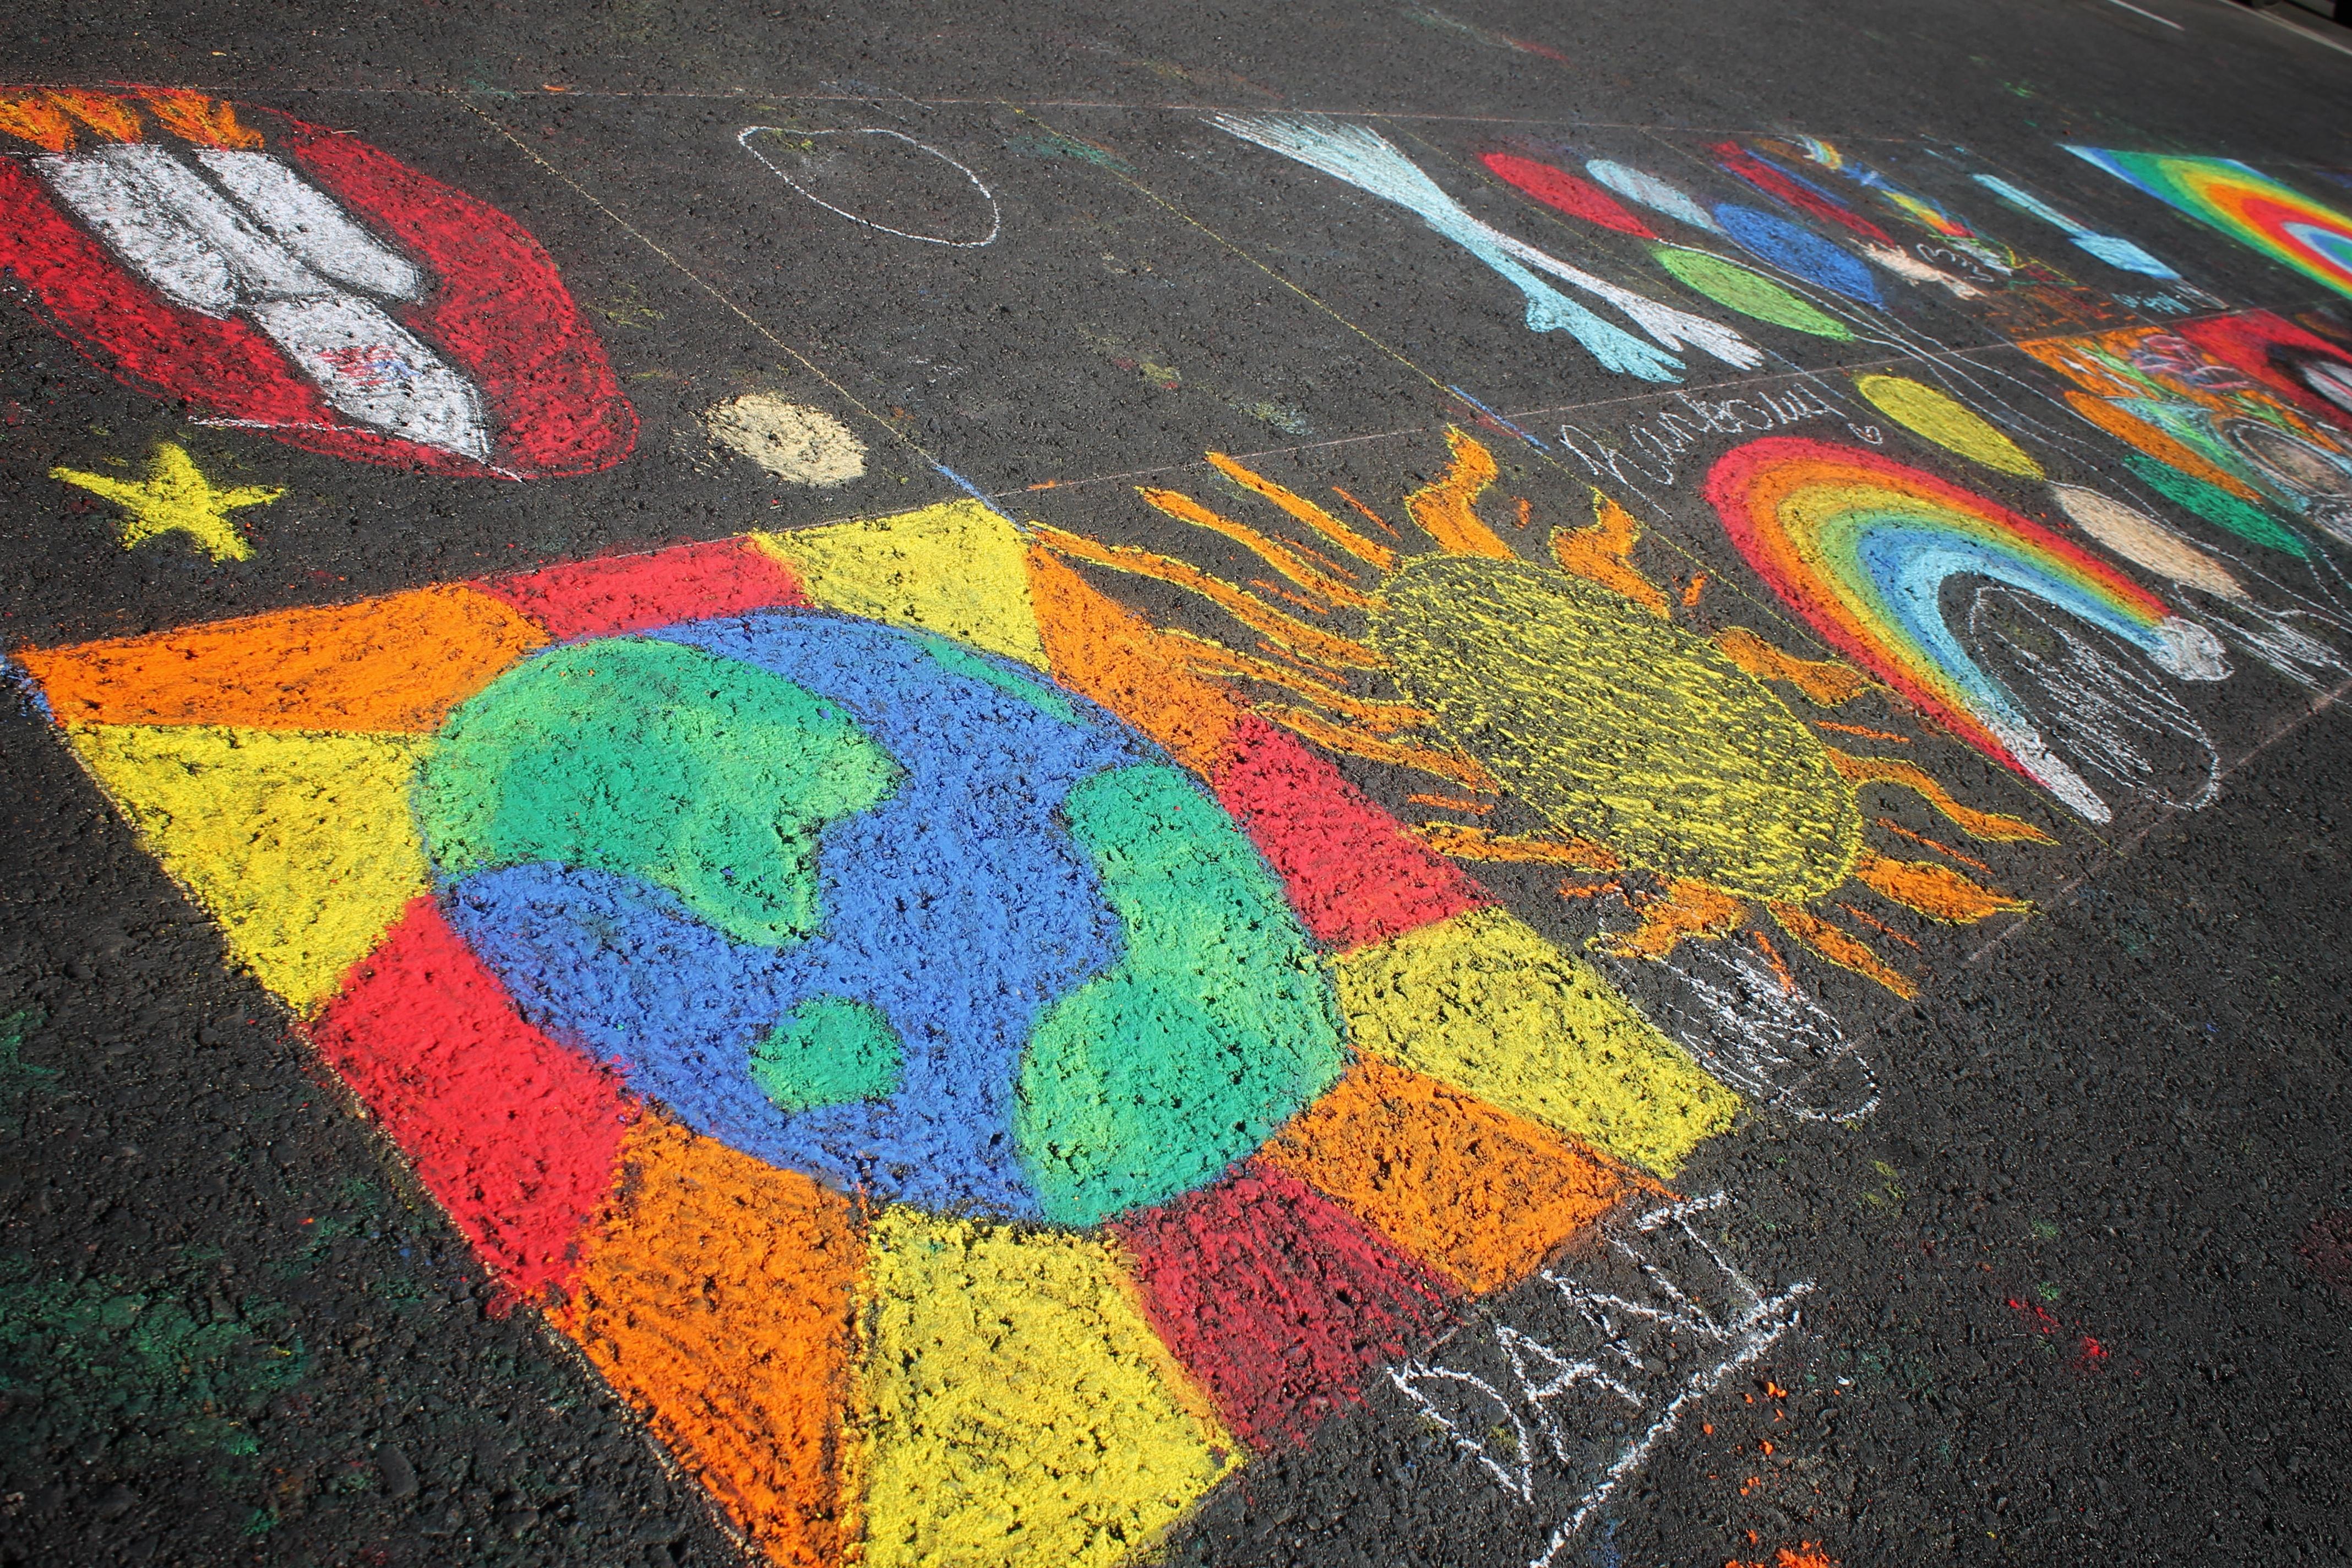 OCAF Chalk Festival